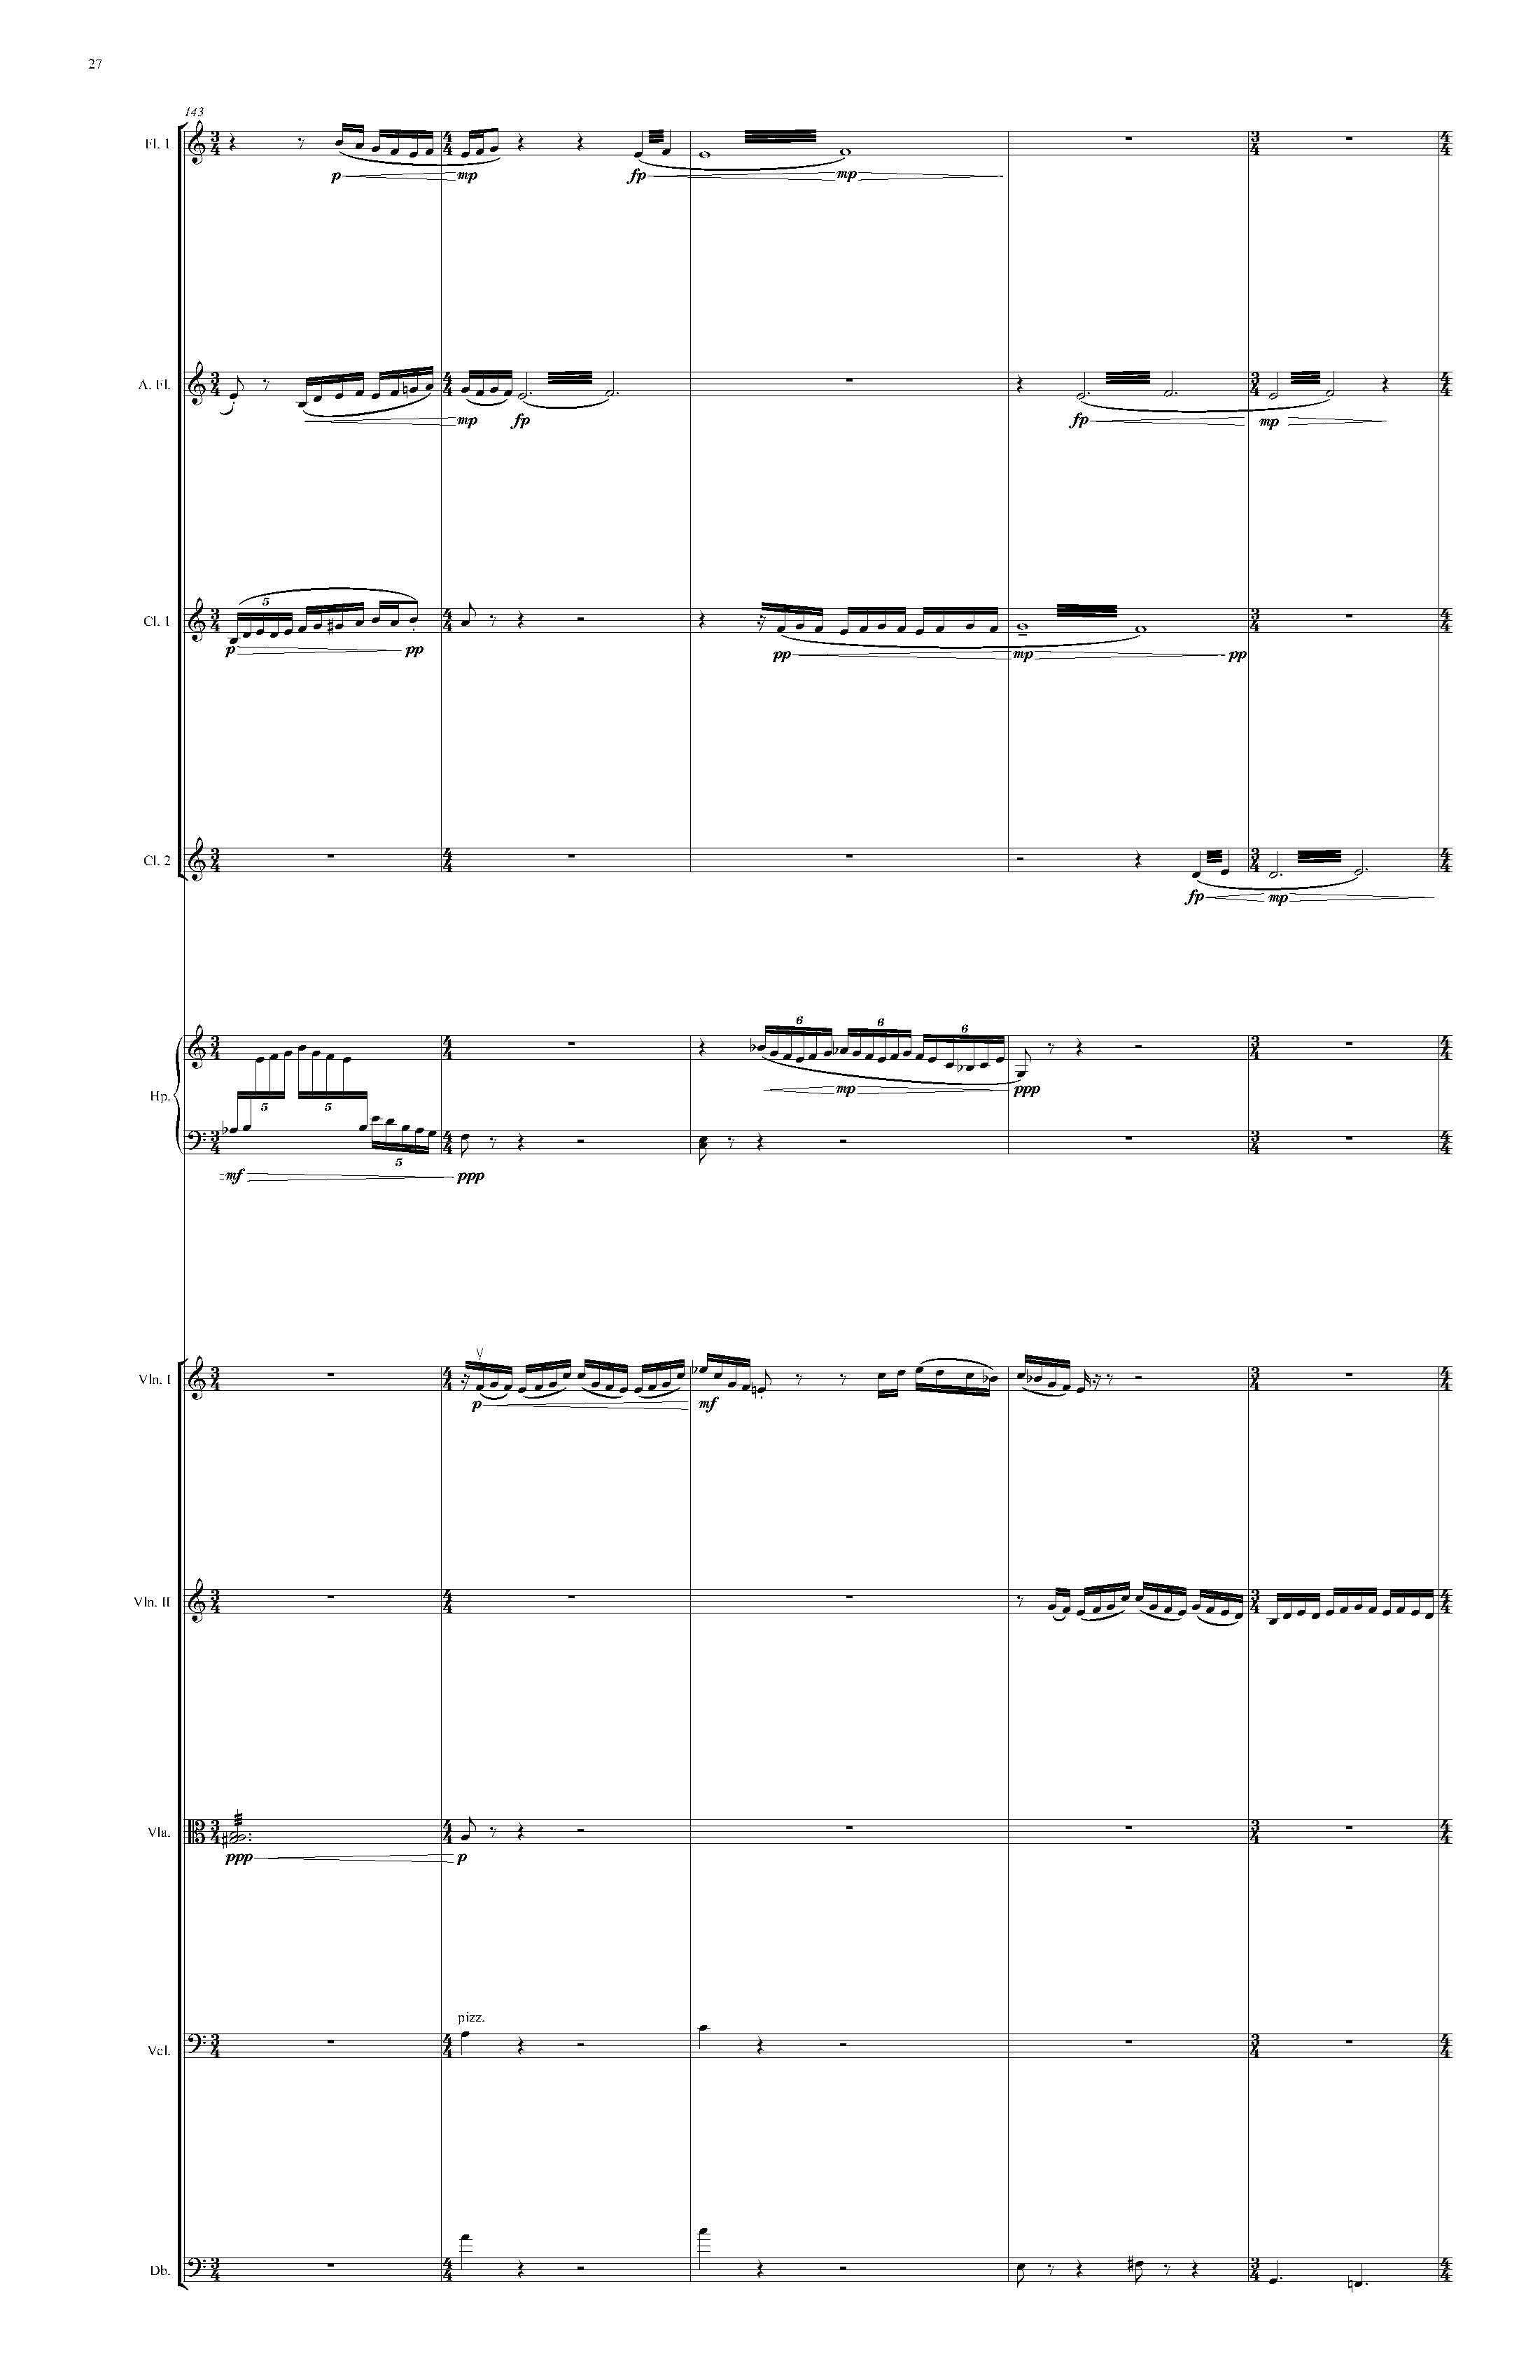 Kolmanskop 4-4-17 score - Full Score_Seite_30.jpg